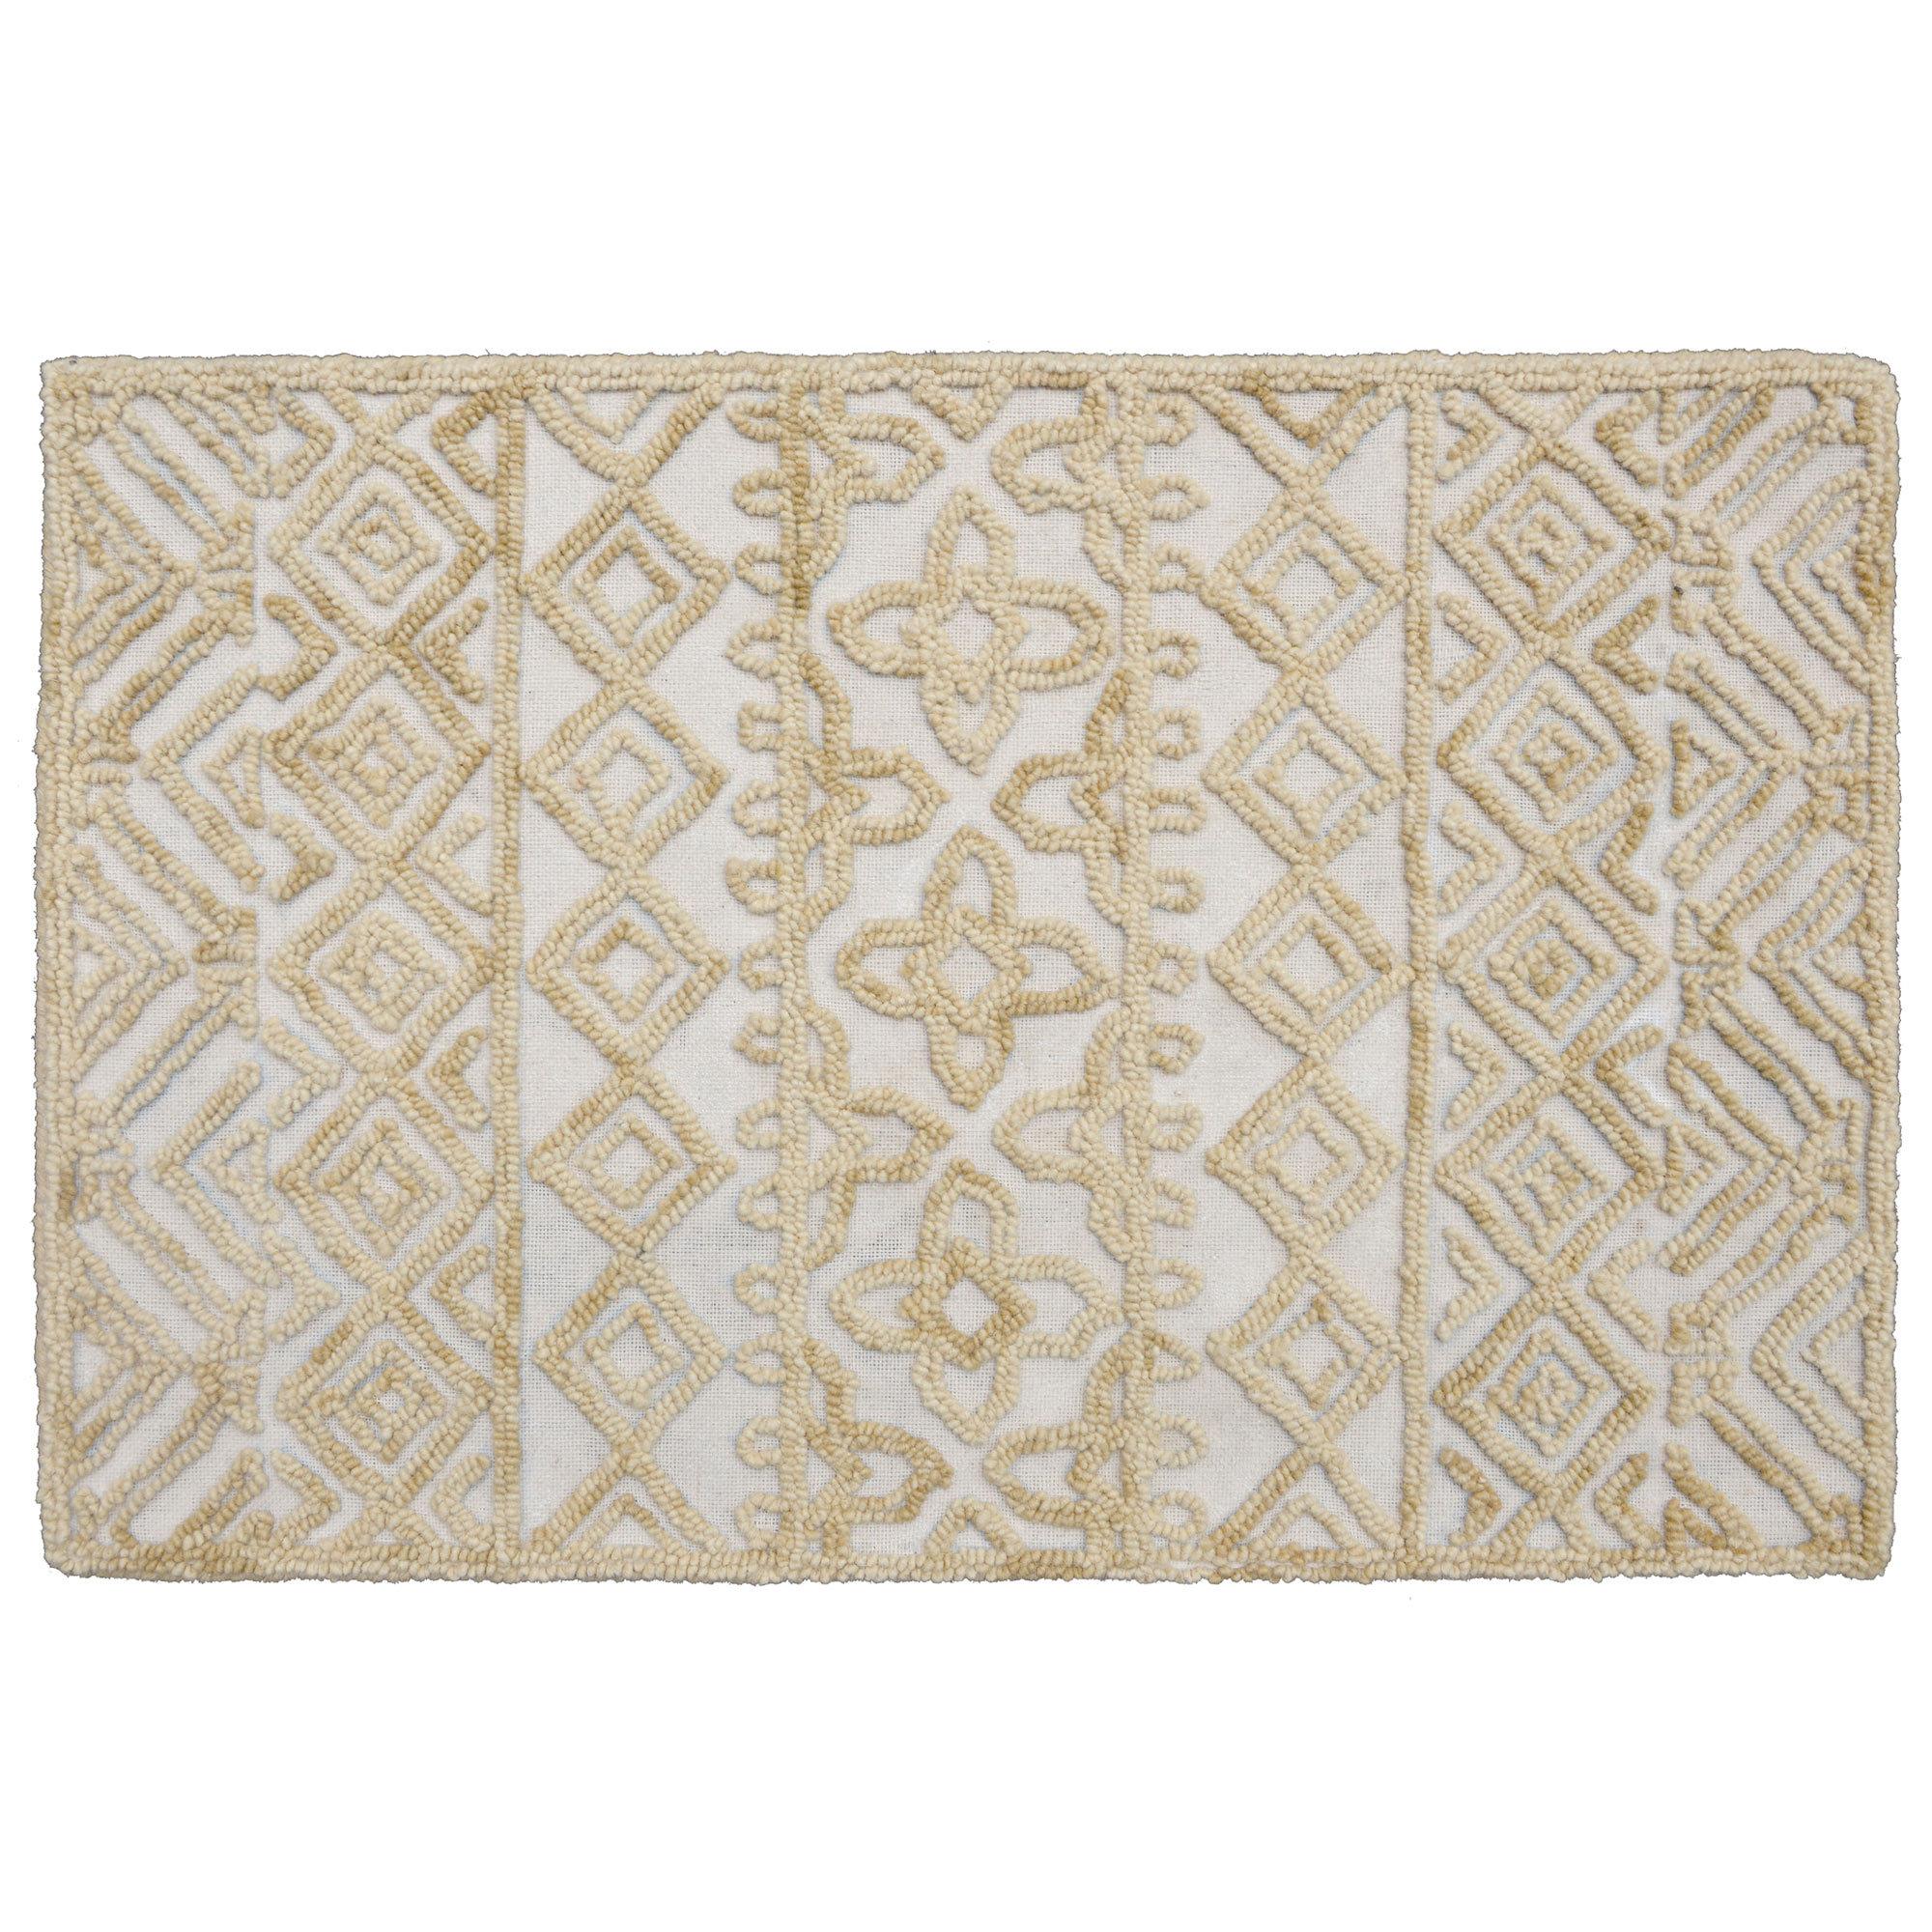 CompanyC Corinth Hand-Tufted Wool Wheat Area Rug